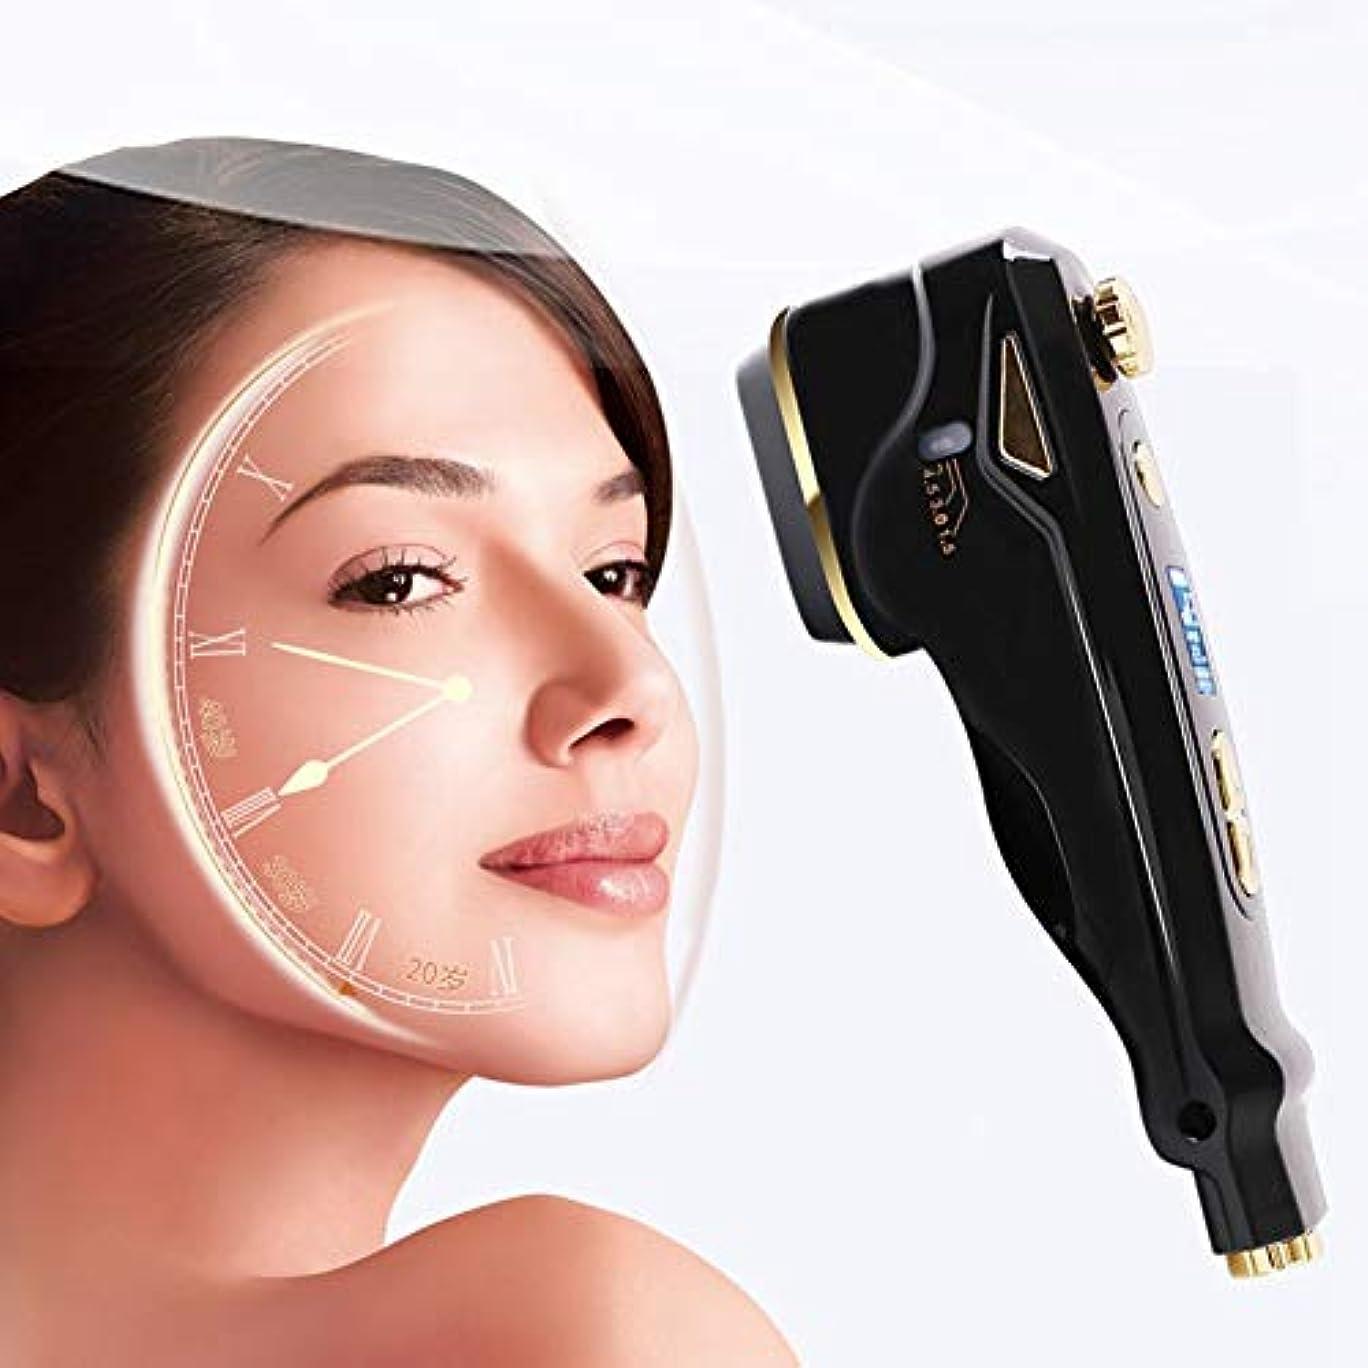 フットボールマーキー毎月スキンフェイシャルマシン - ポータブルハンドヘルド高周波スキンセラピーマシンにきび肌のしわを引き締めダークサークルを軽減します腫れぼったい目の美容ツール